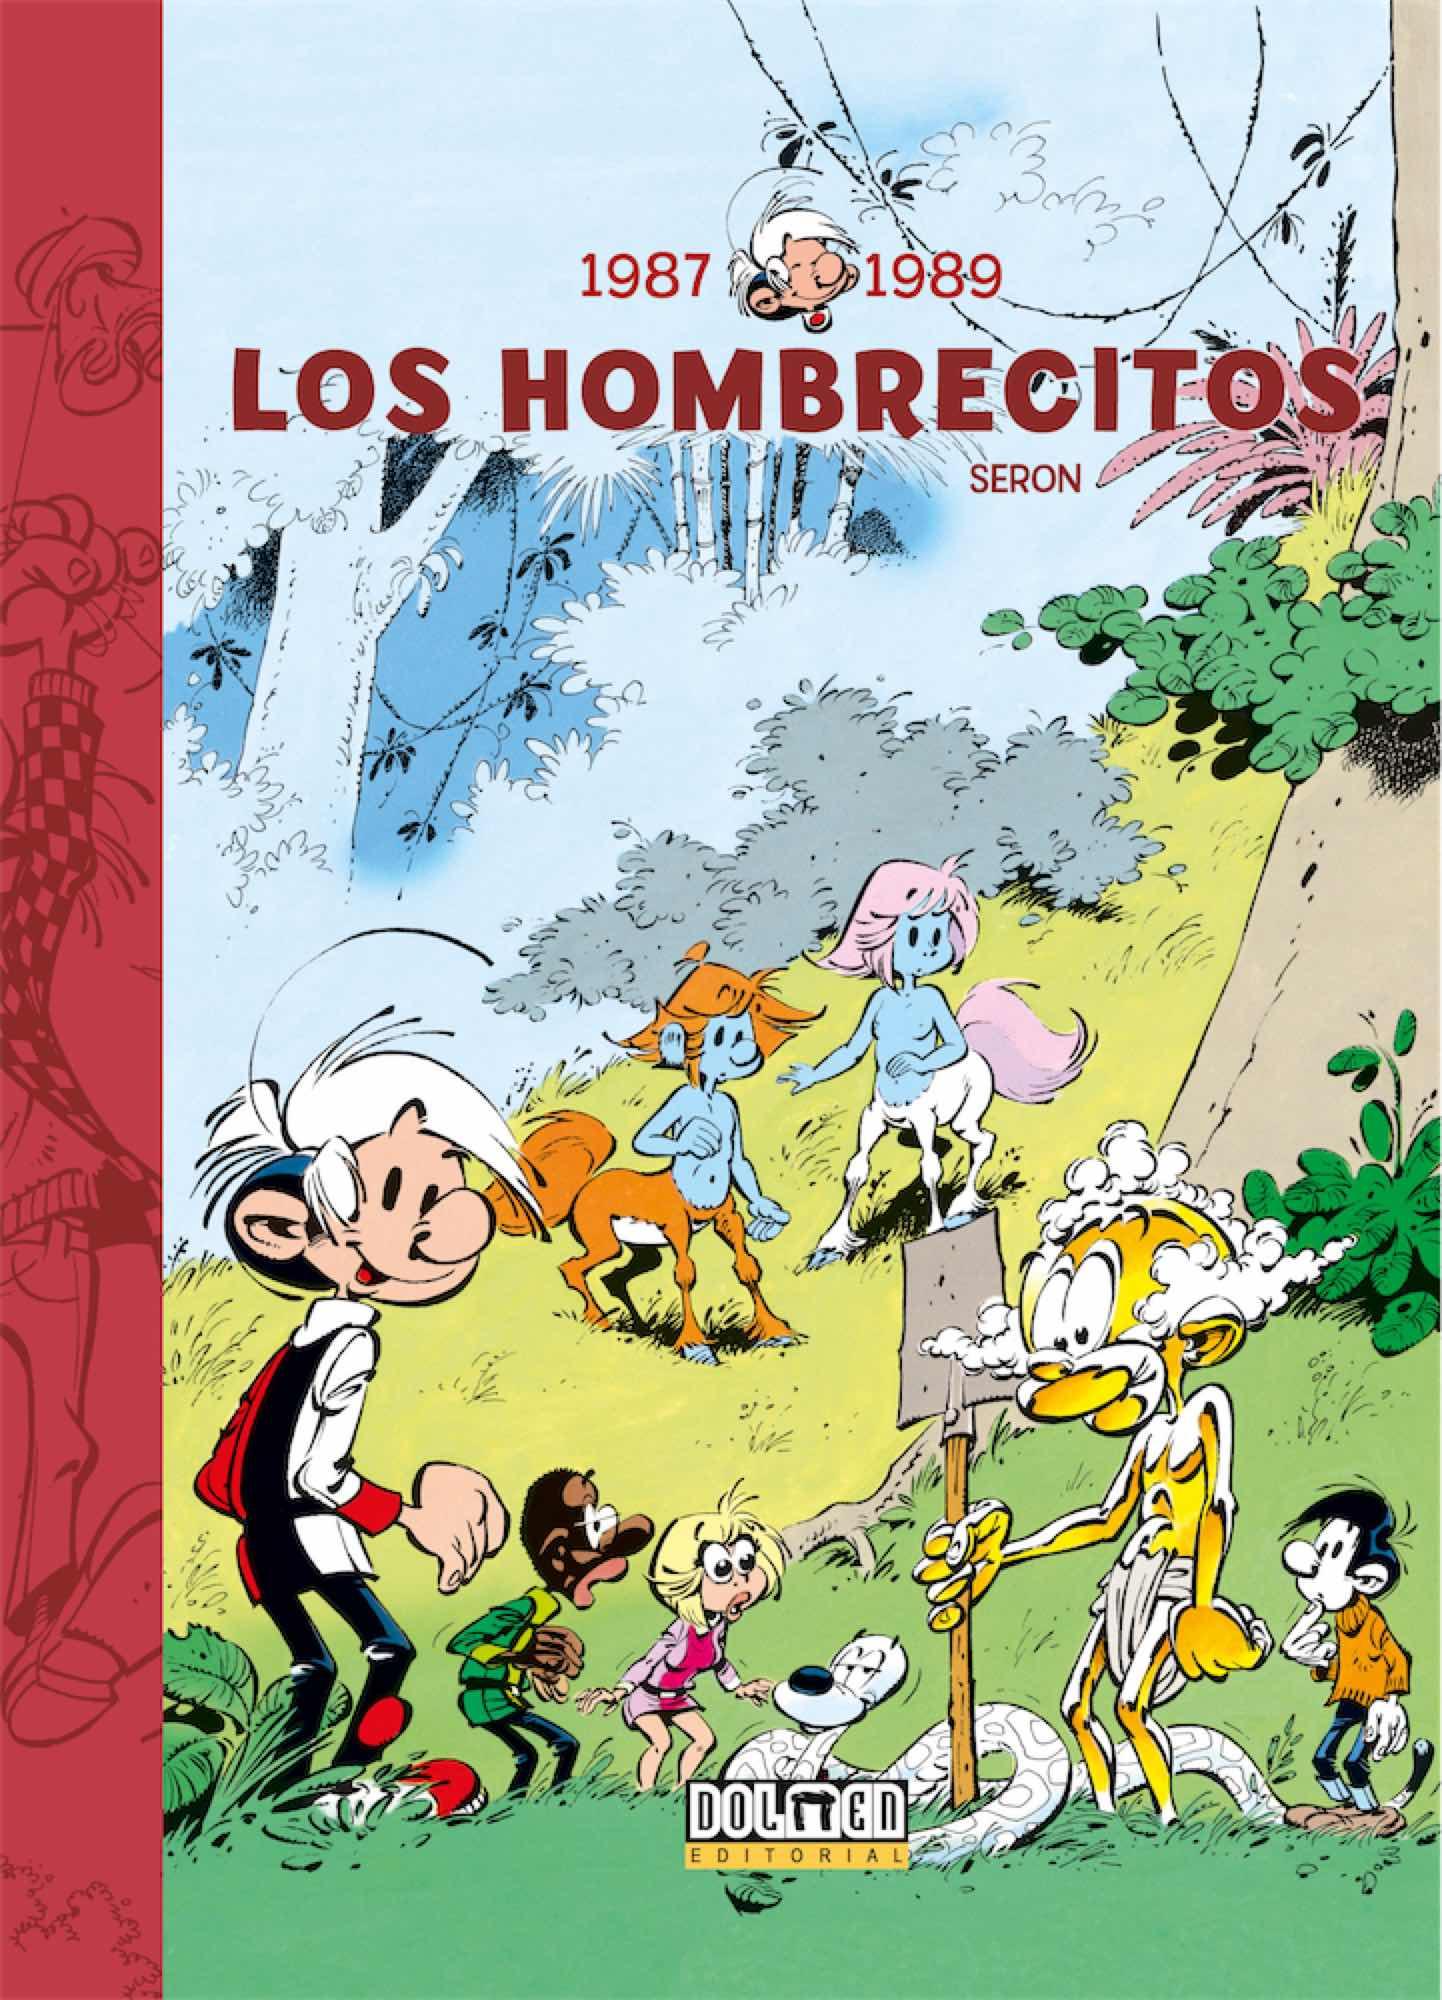 LOS HOMBRECITOS 09: 1987-1989